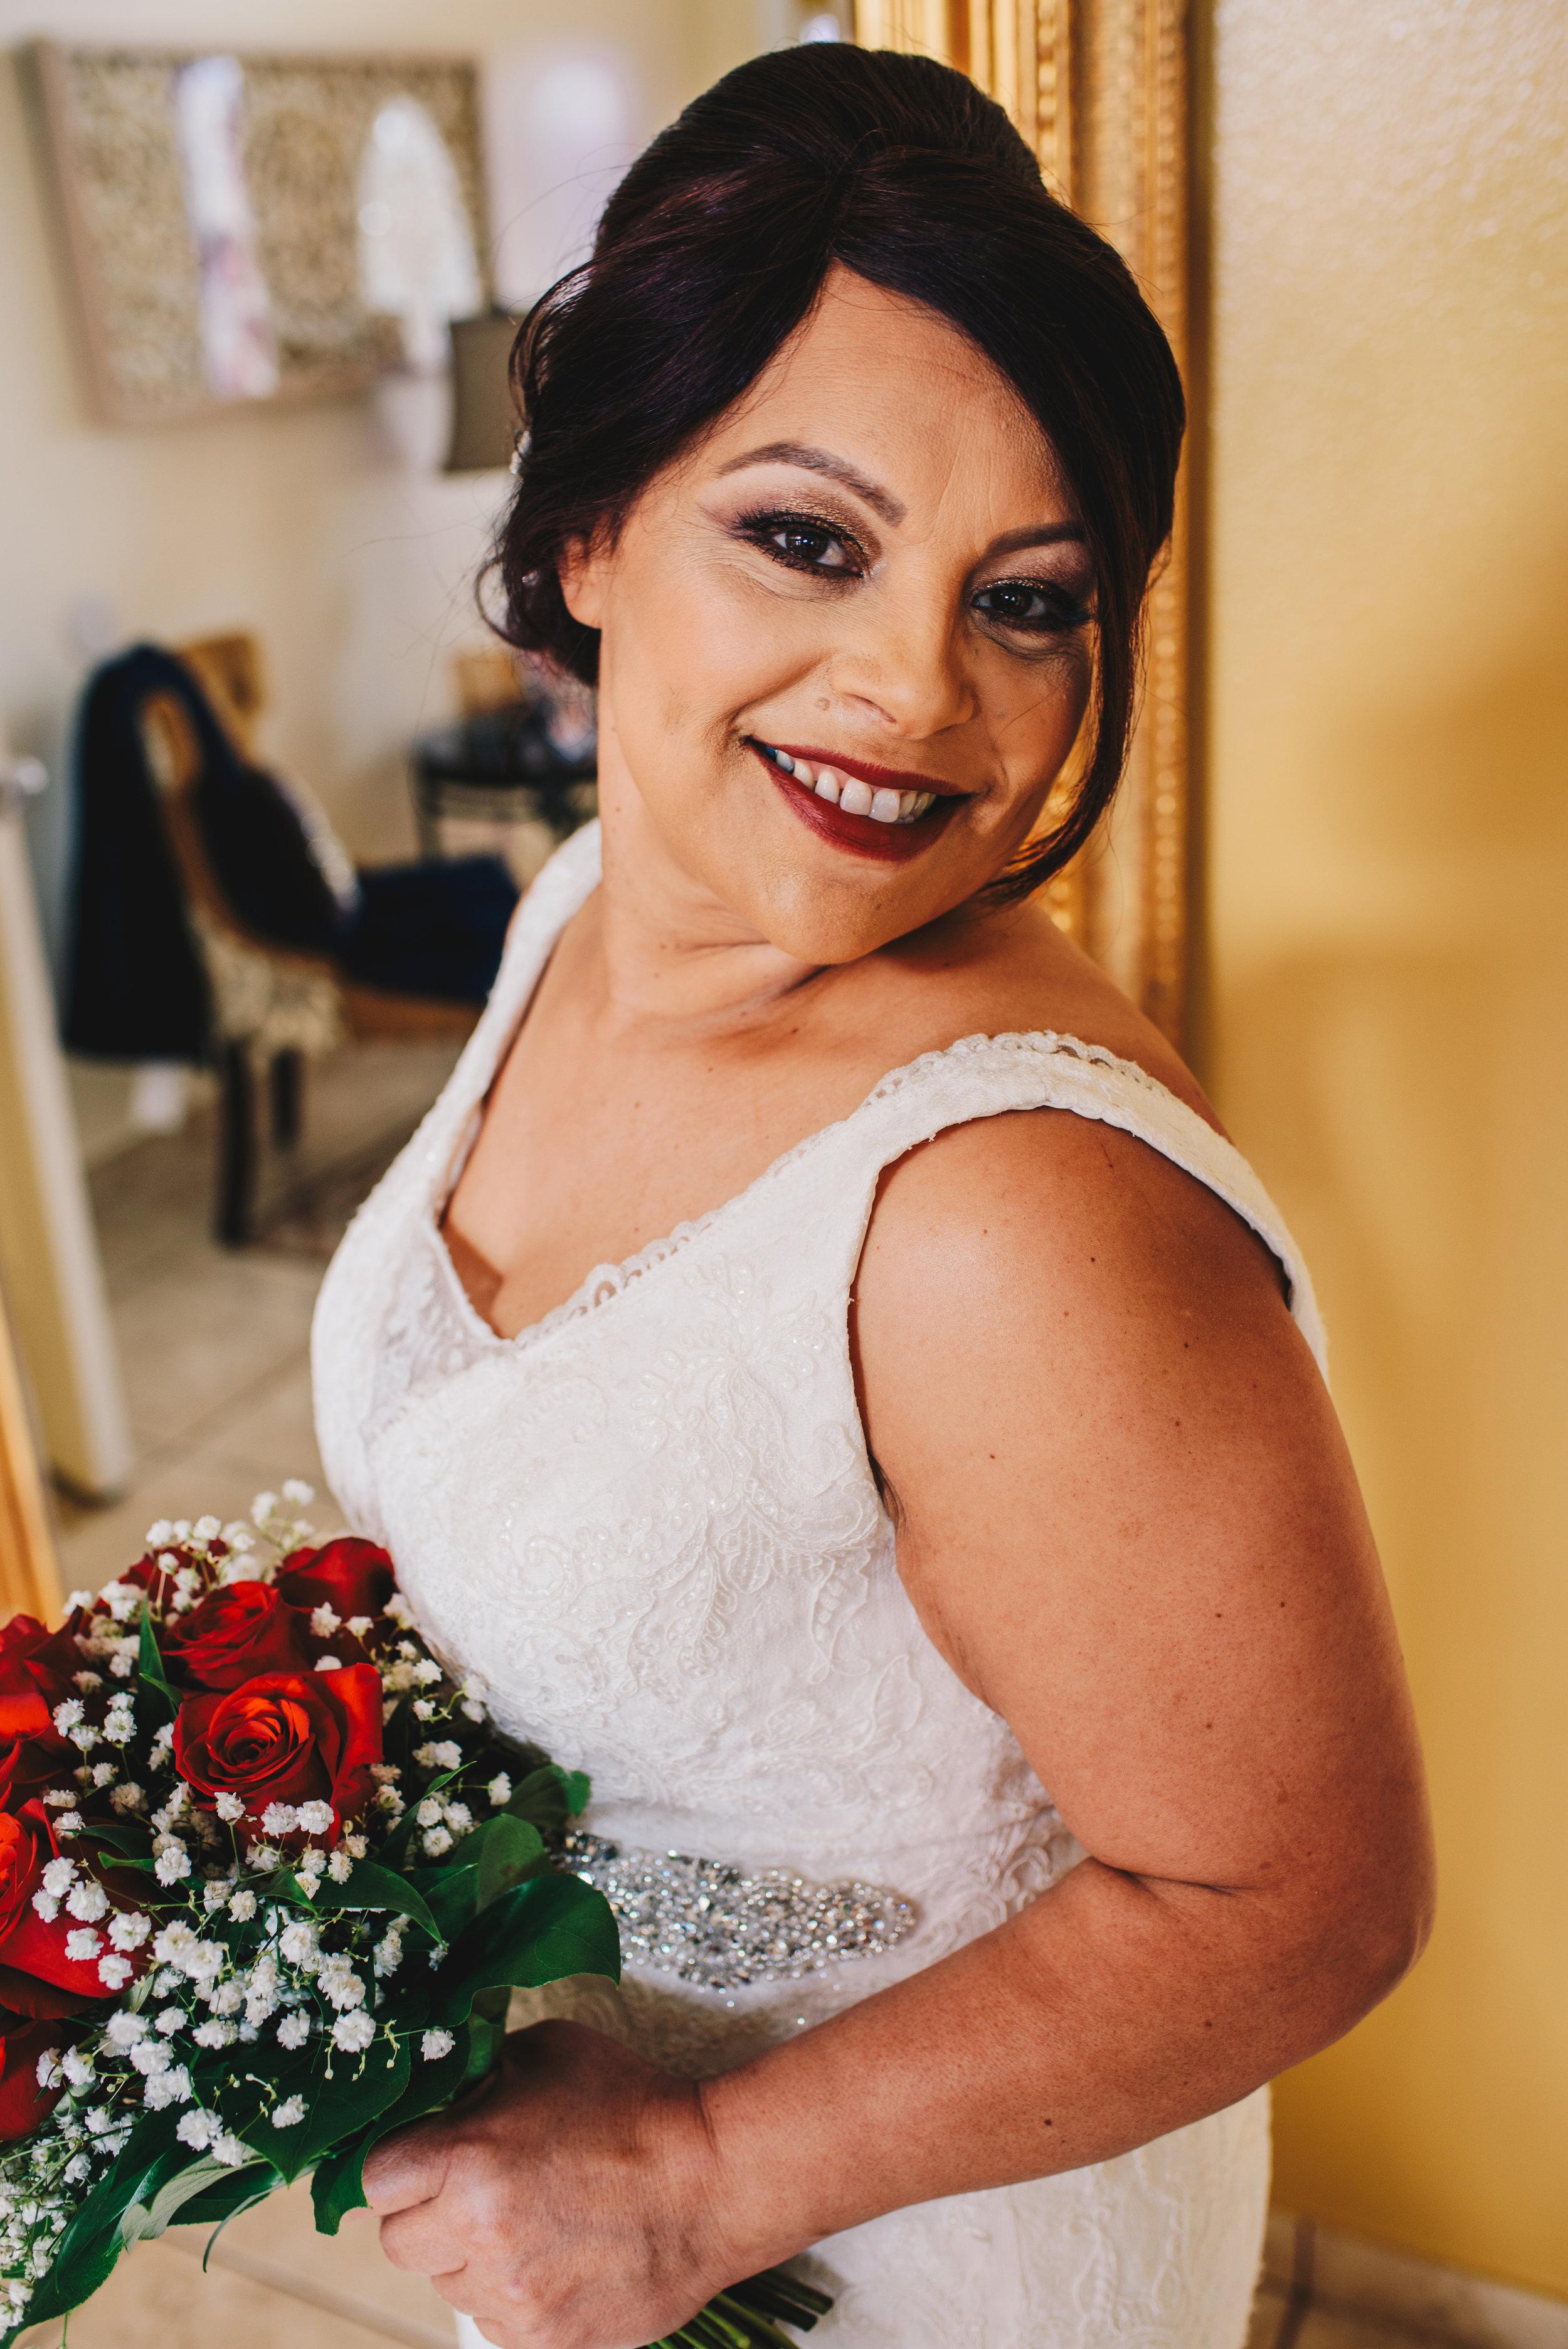 Los-Vargas-Photo-Wedding-Vow-Renewal-Central-Florida-29.jpg